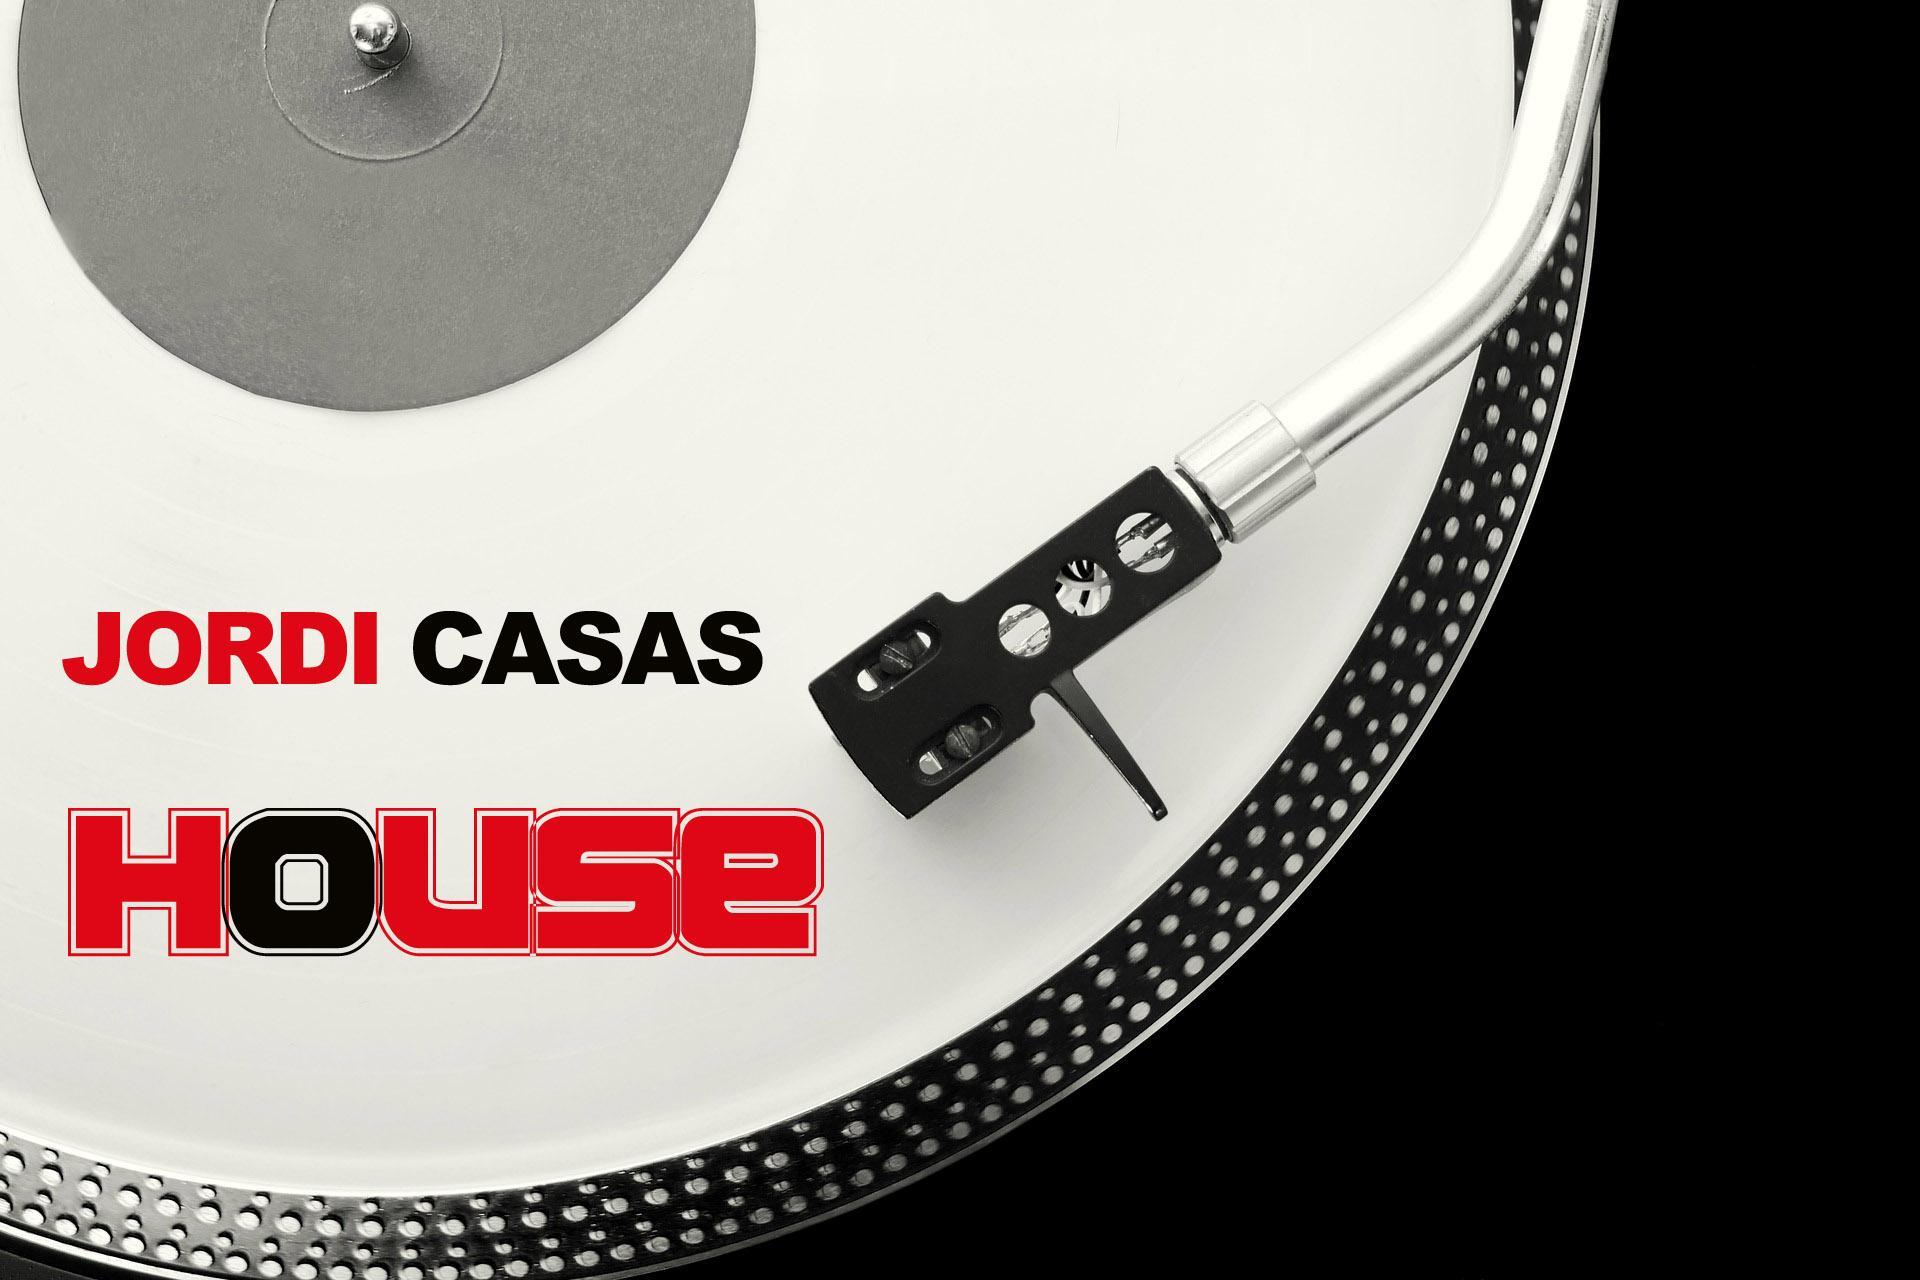 Jordi Casas presenta Jordi Casas House